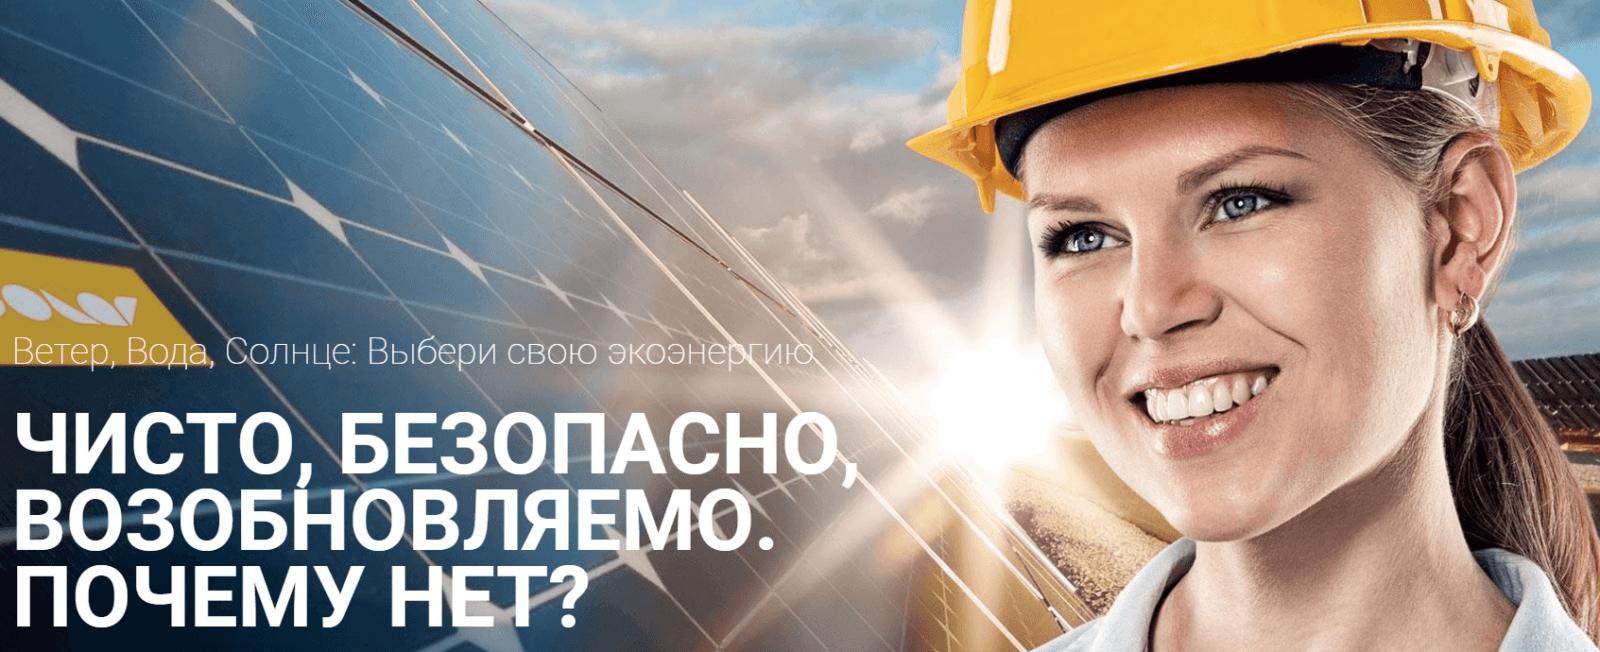 На заглавной странице Solar Invest нас встречает девушка с популярным вопросом: почему бы и нет?